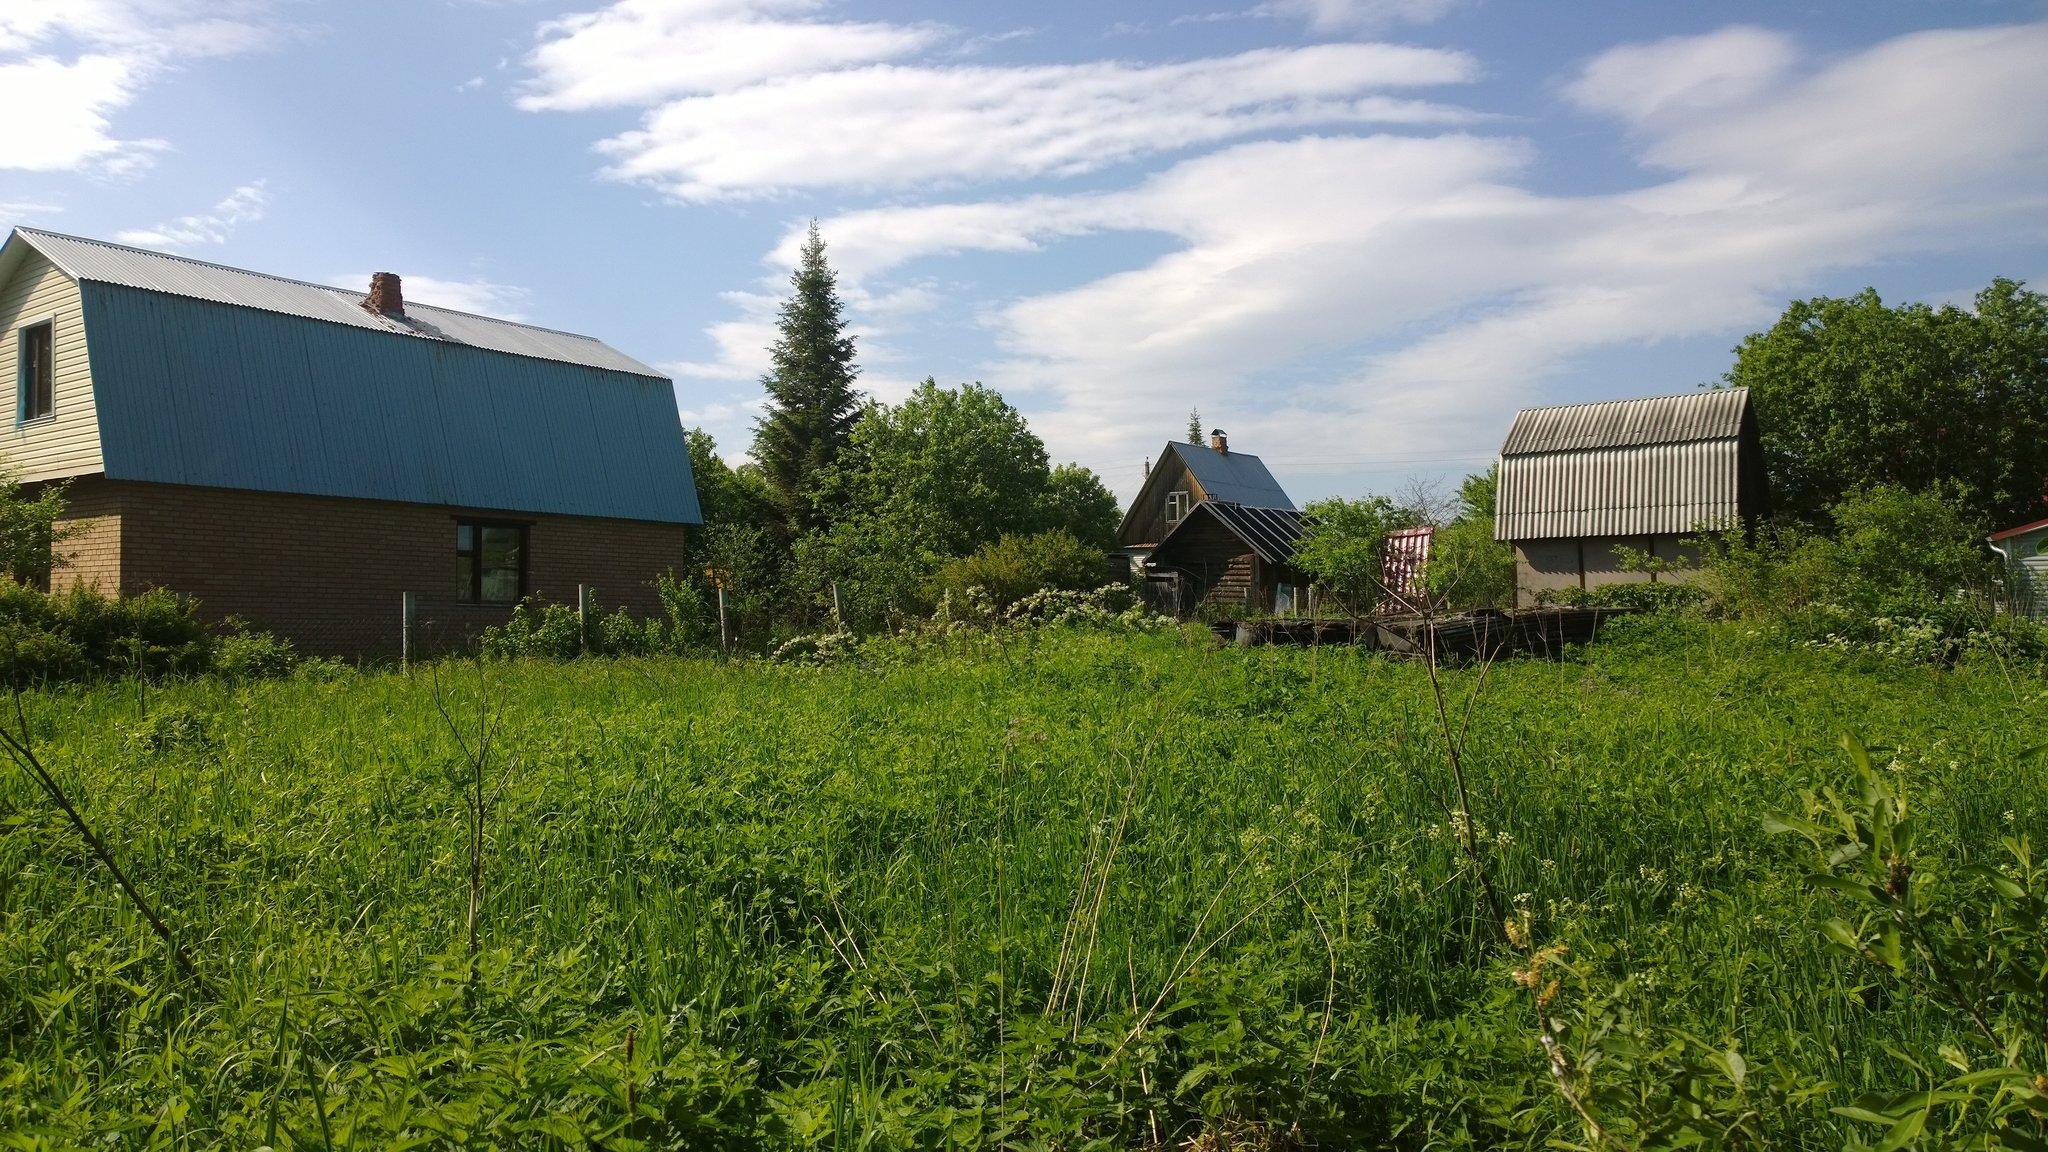 Договор аренды земельного участка образец оформления